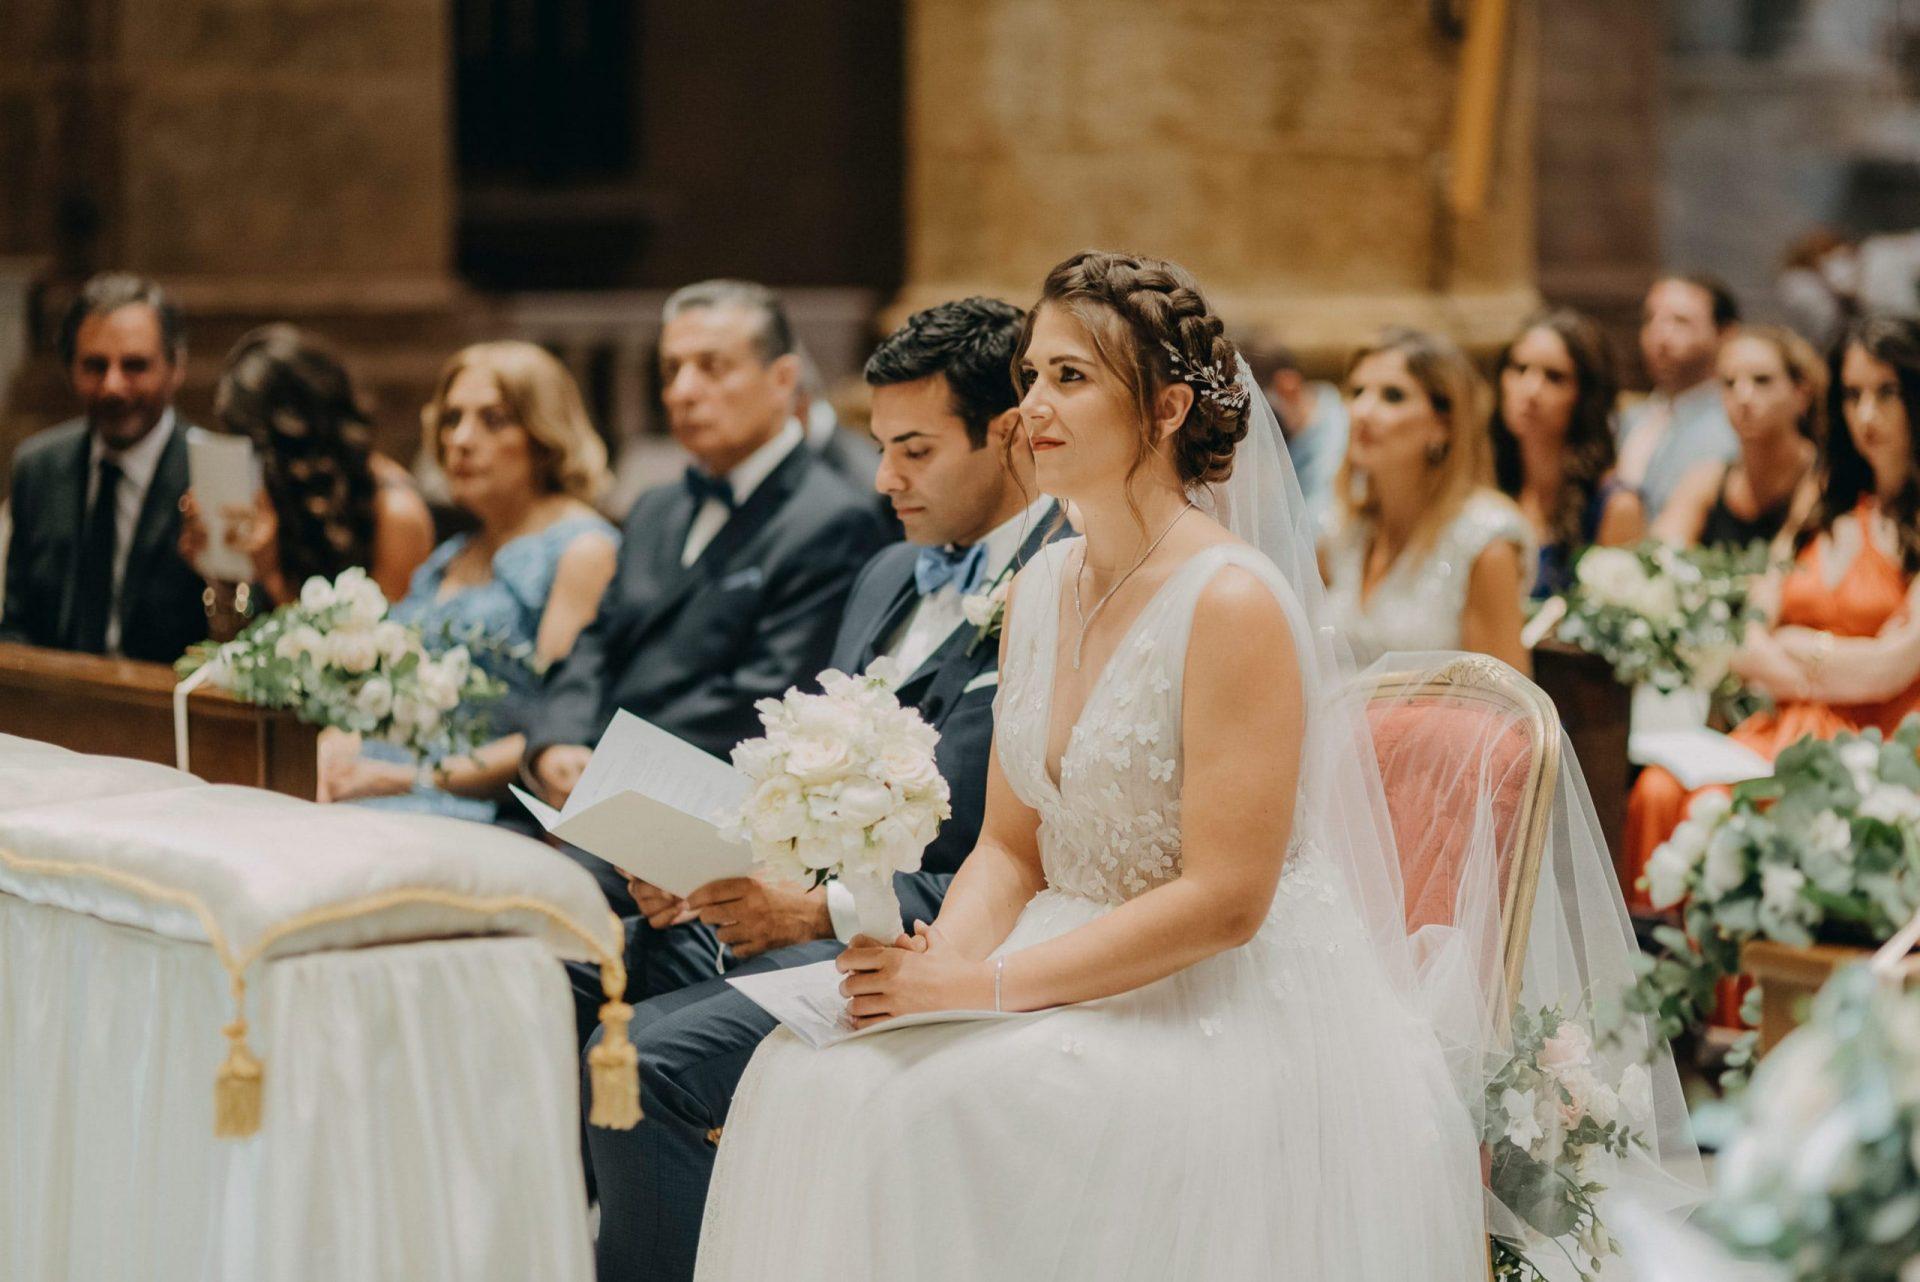 Simona and Elie, wedding ceremony